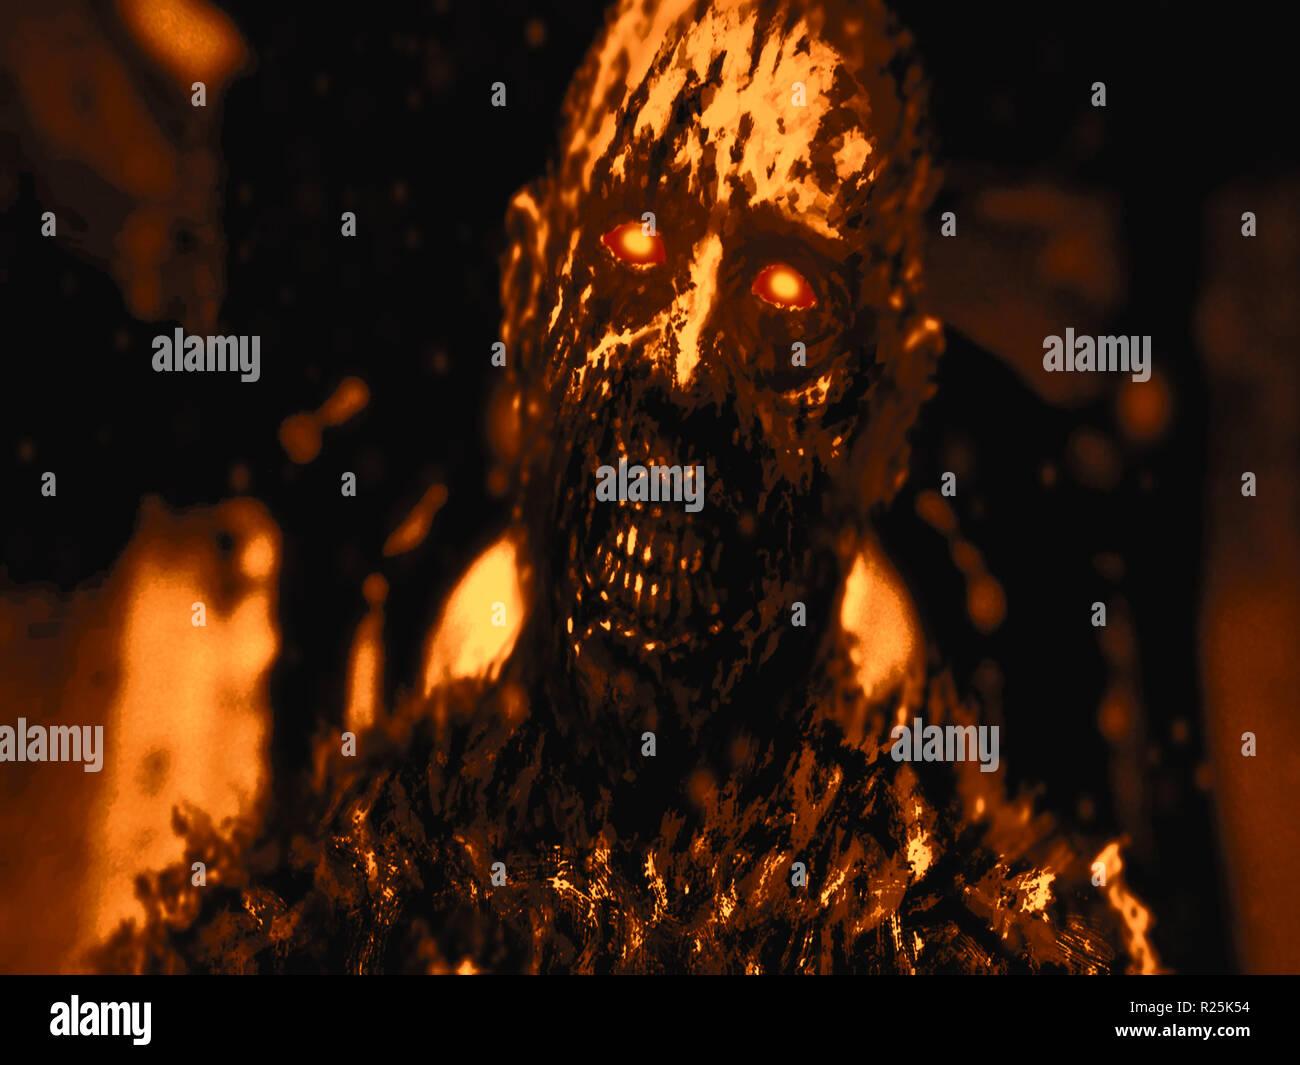 Zombie negro con brillantes ojos rojos. Fondo de color naranja. Ilustración en el género de horror. Foto de stock